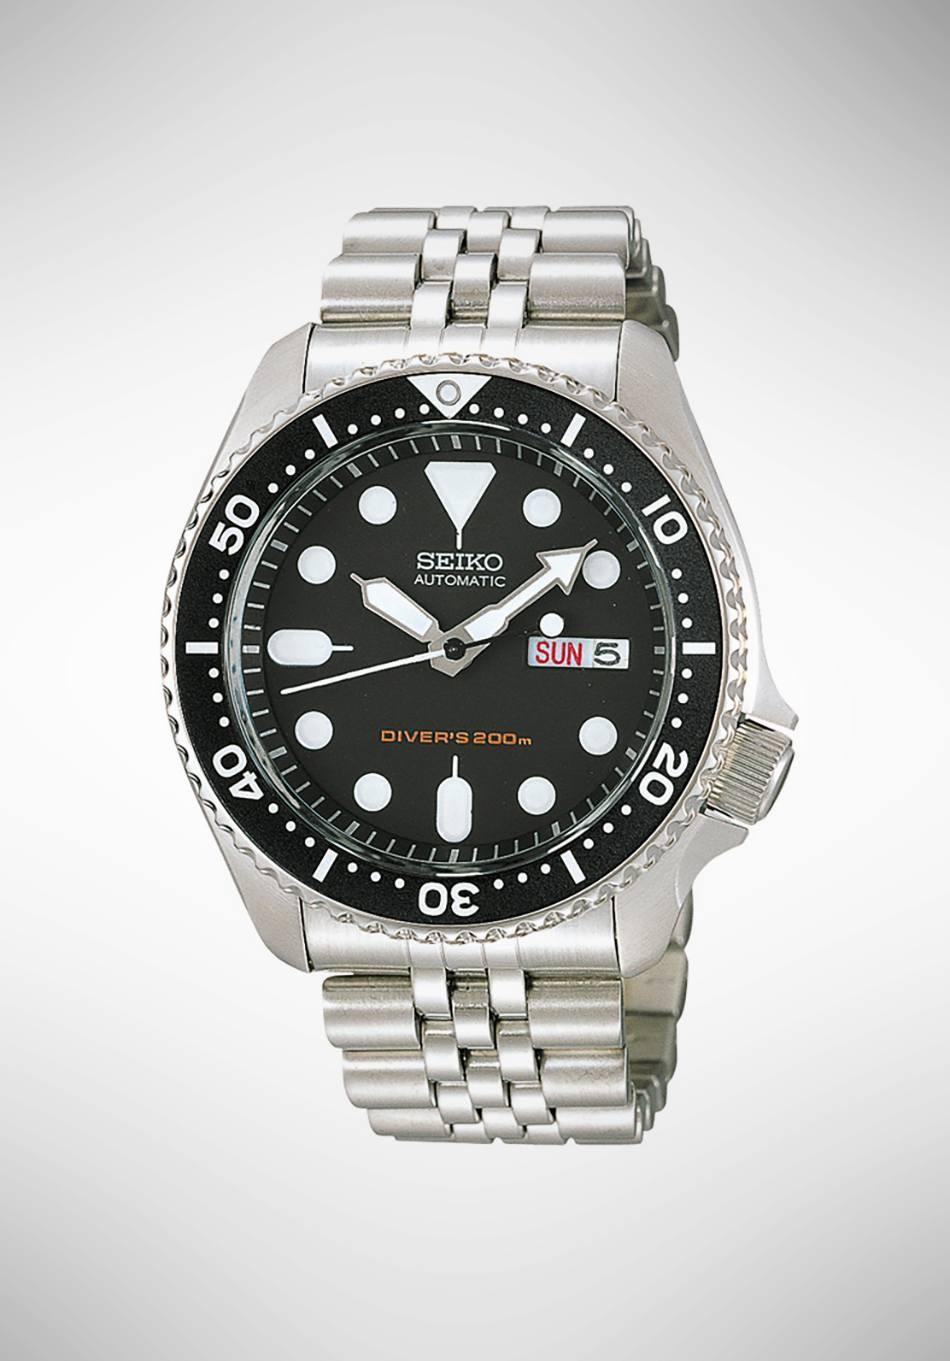 Seiko Sport Watch Skx007k2 Gioielleria Loffredo Automatic Divers 200m Black Dial Loading Zoom